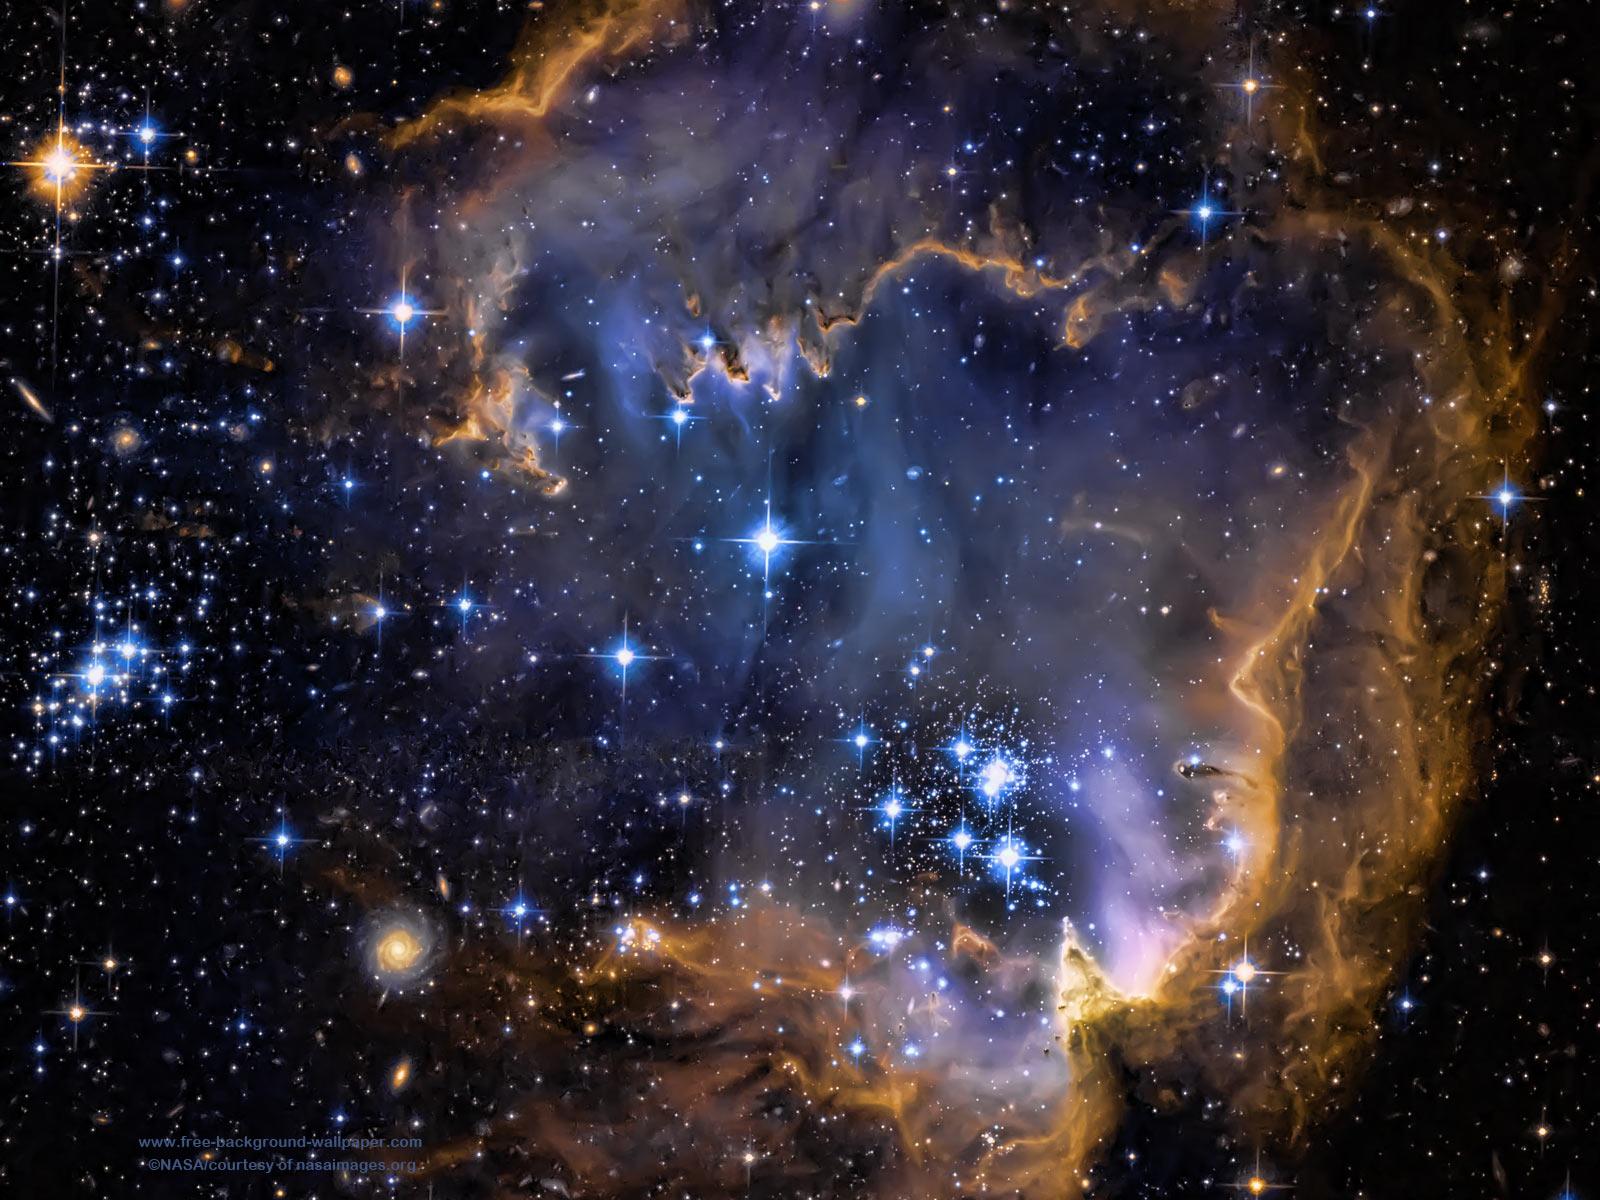 Galaxy Infant Stars Stars Background   1600x1200 pixels 1600x1200